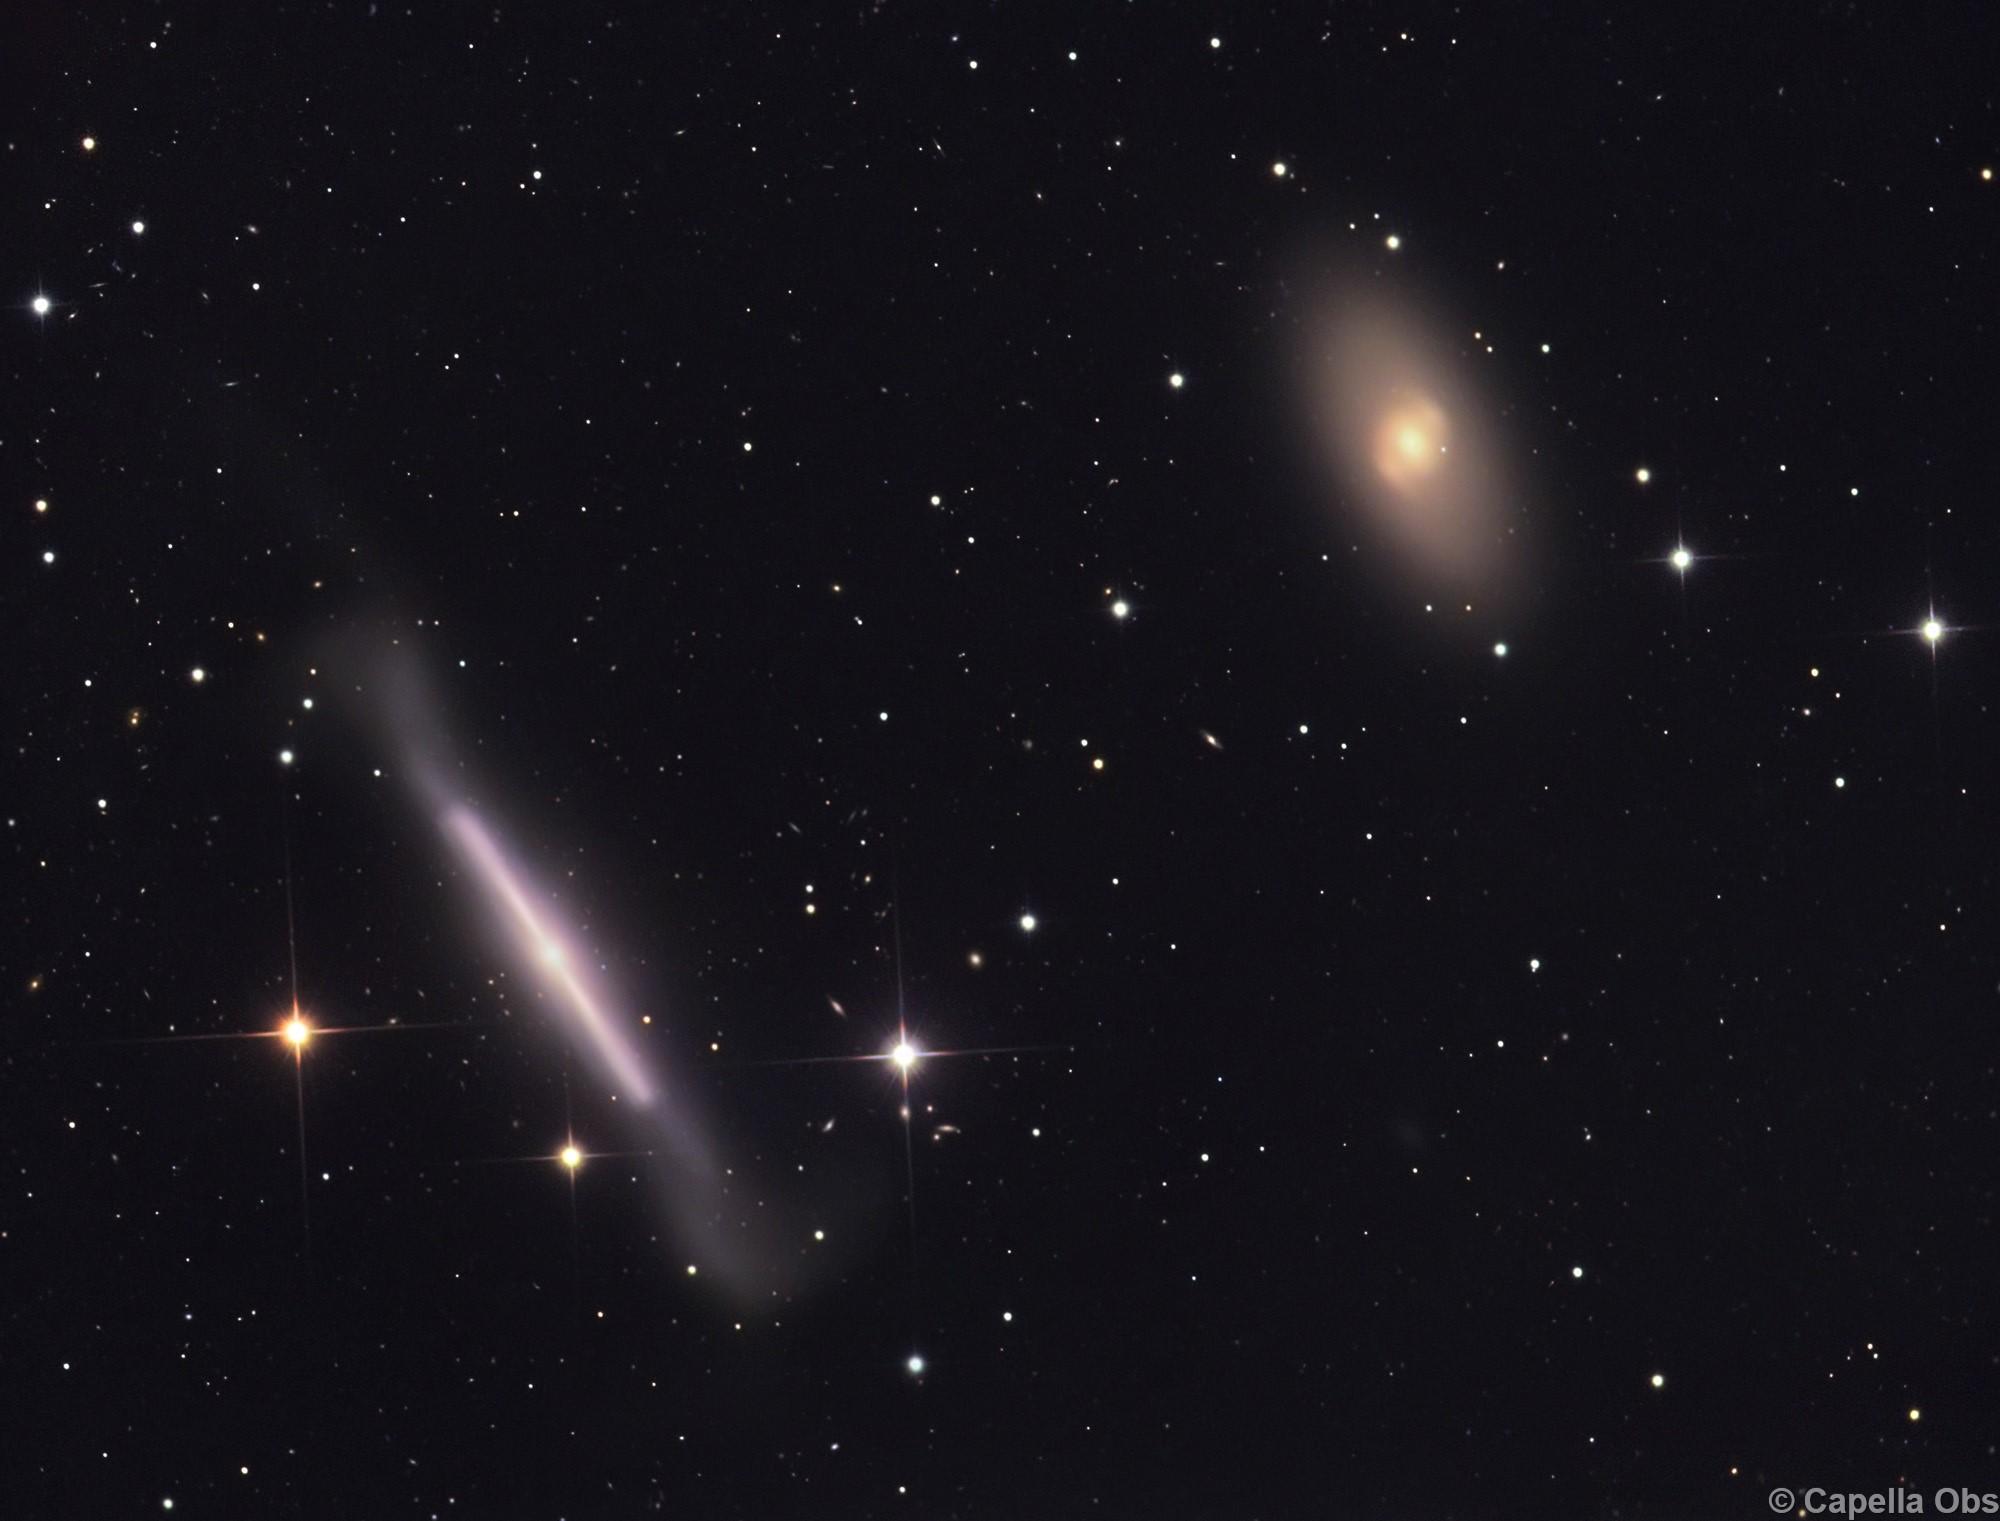 NGC 4754 & NGC 4762